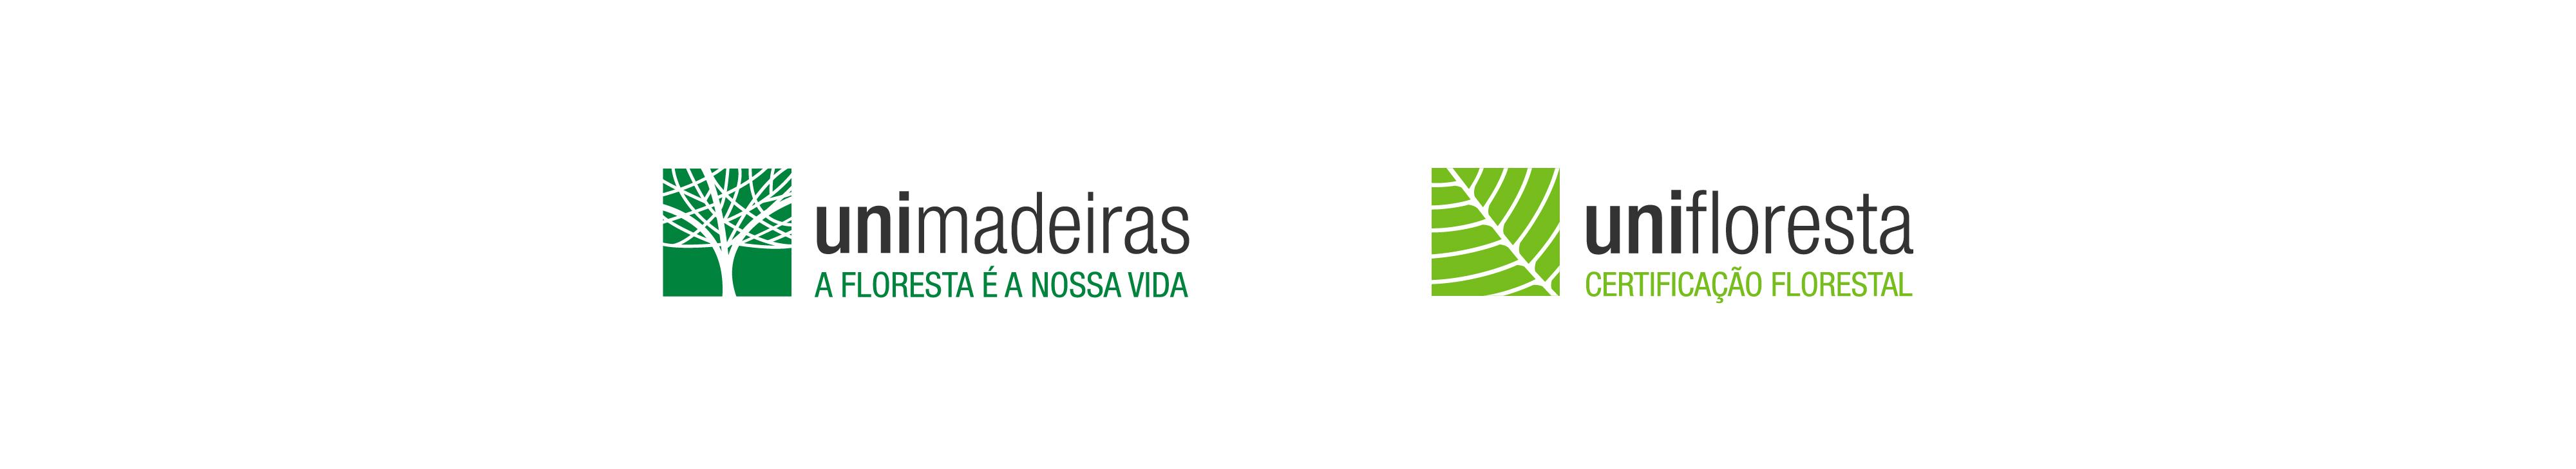 logos unimadeiras+unifloresta_site-01